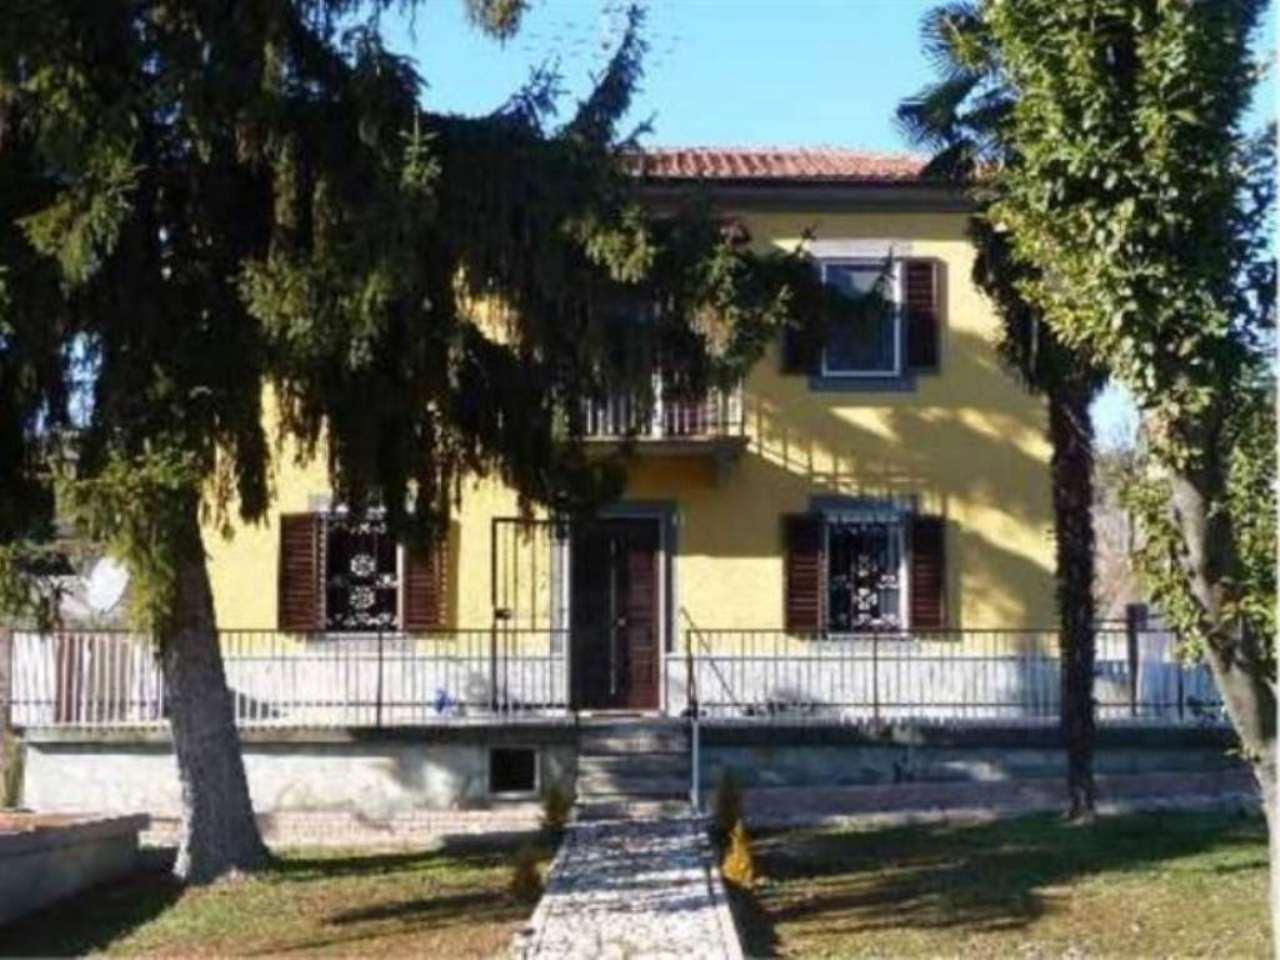 Villa in vendita a Mombello Monferrato, 6 locali, prezzo € 135.000 | Cambio Casa.it